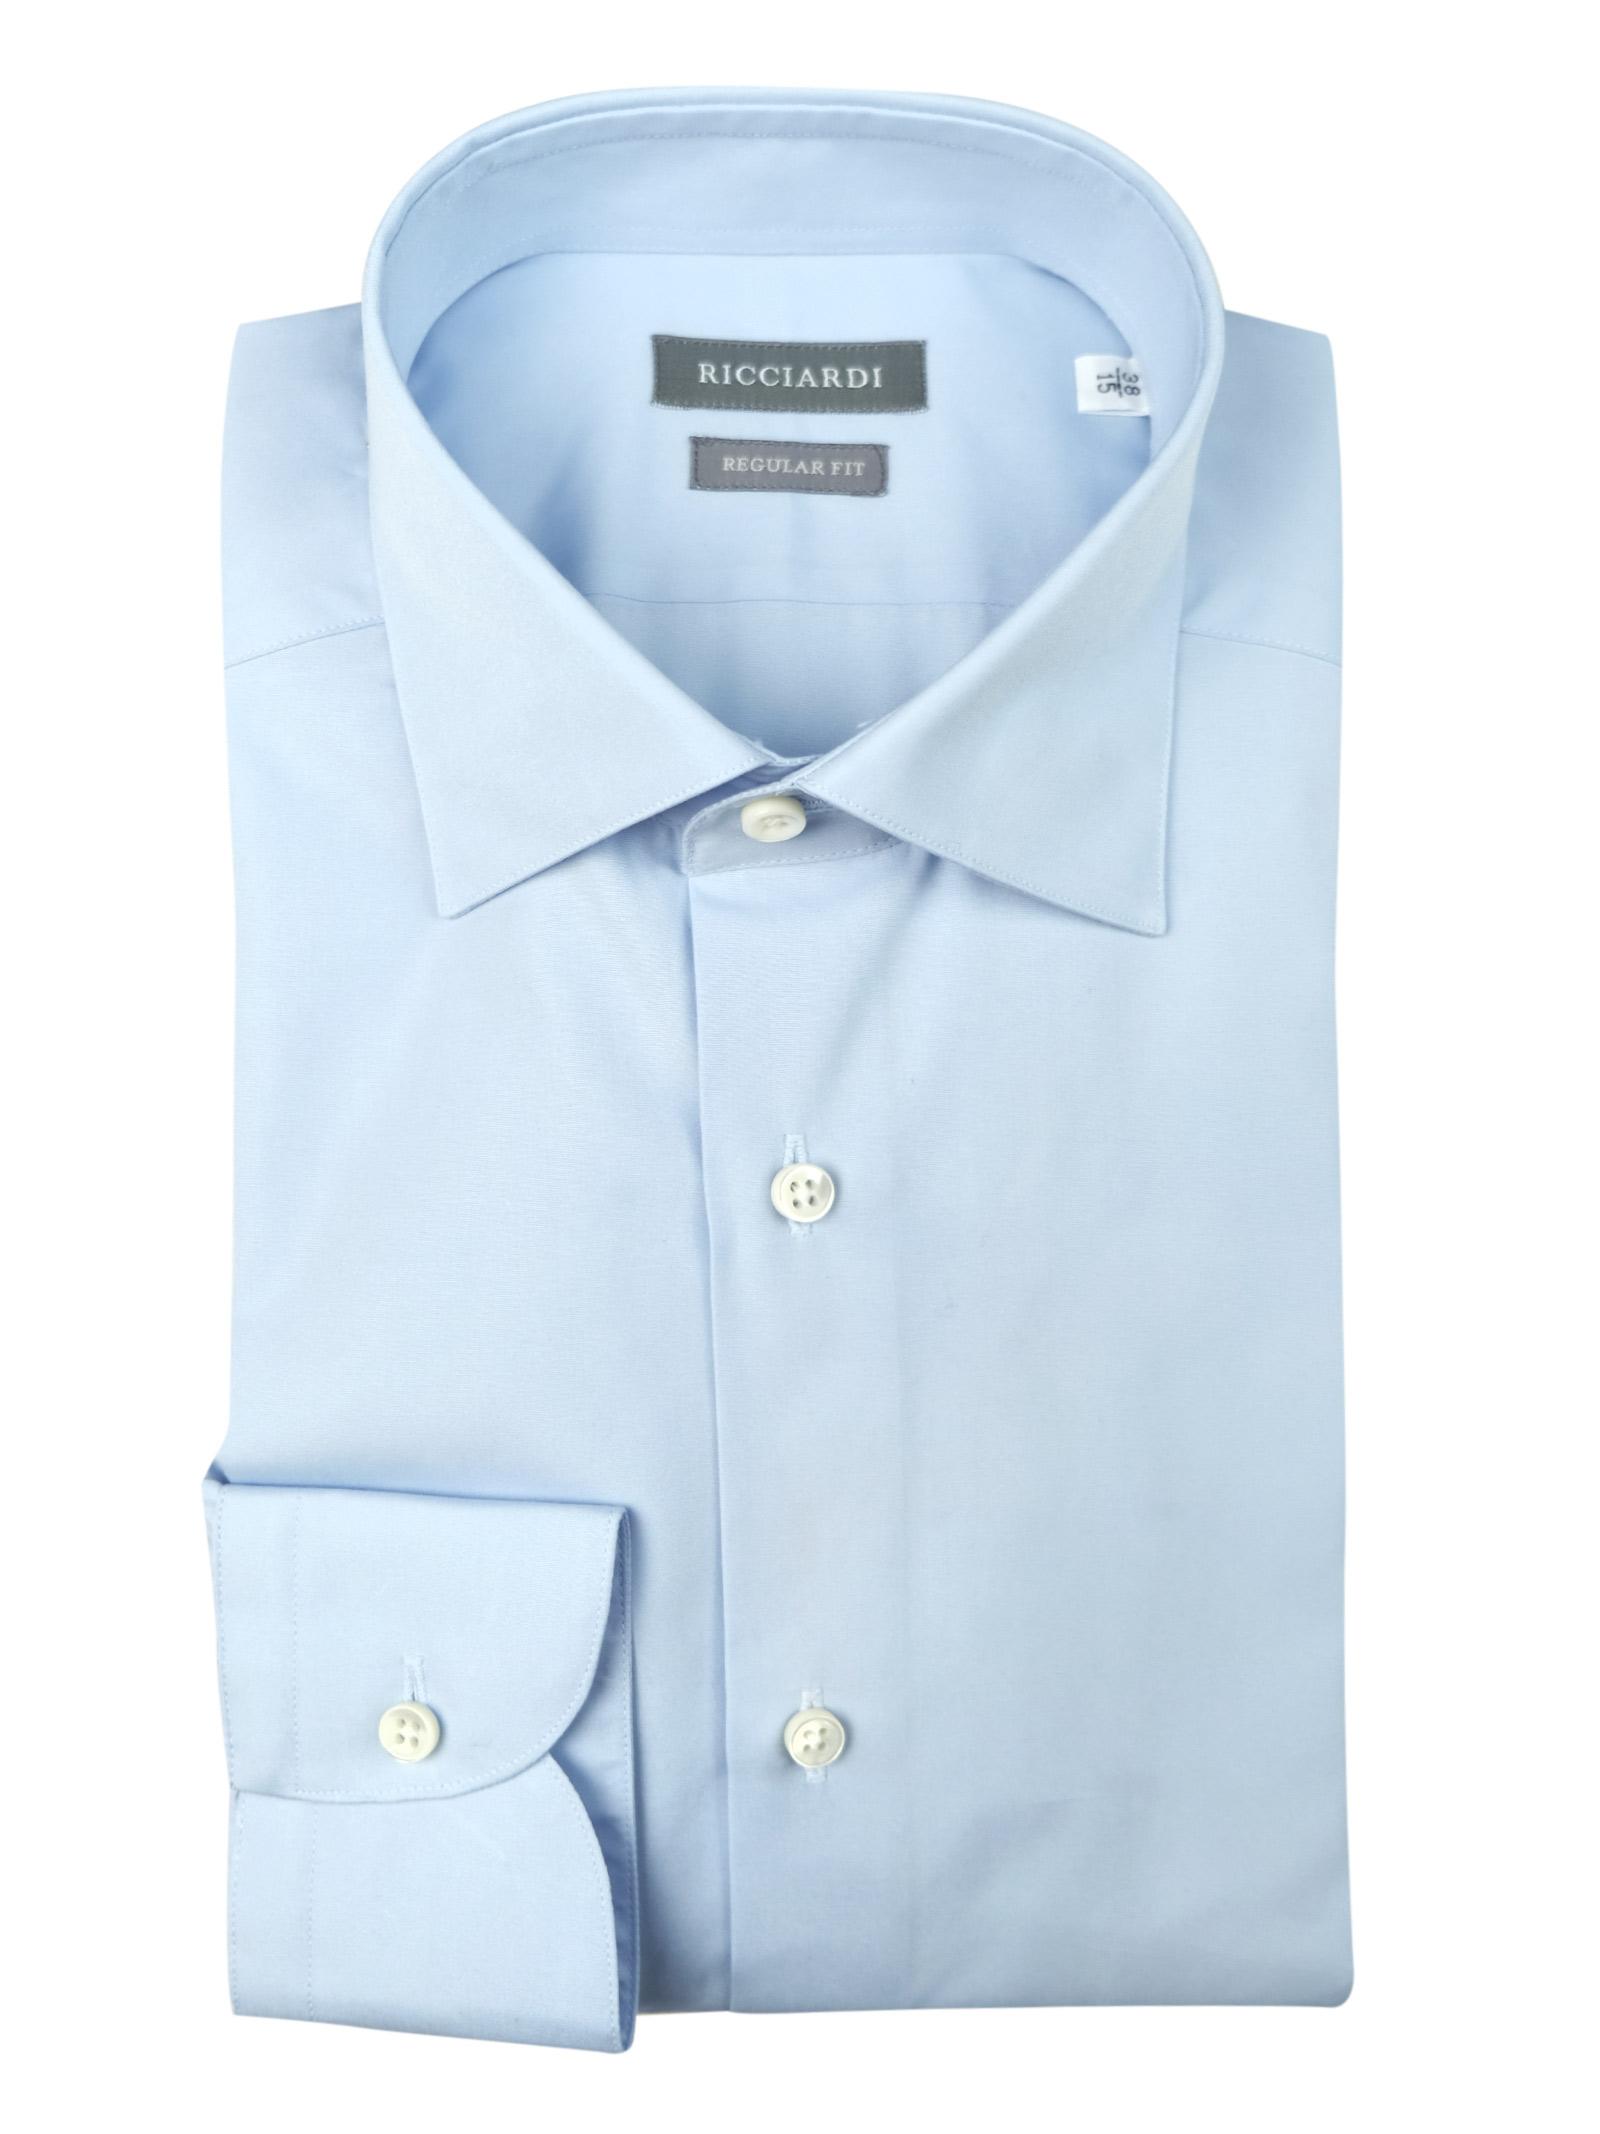 RICCIARDI   Shirts   AREDR061